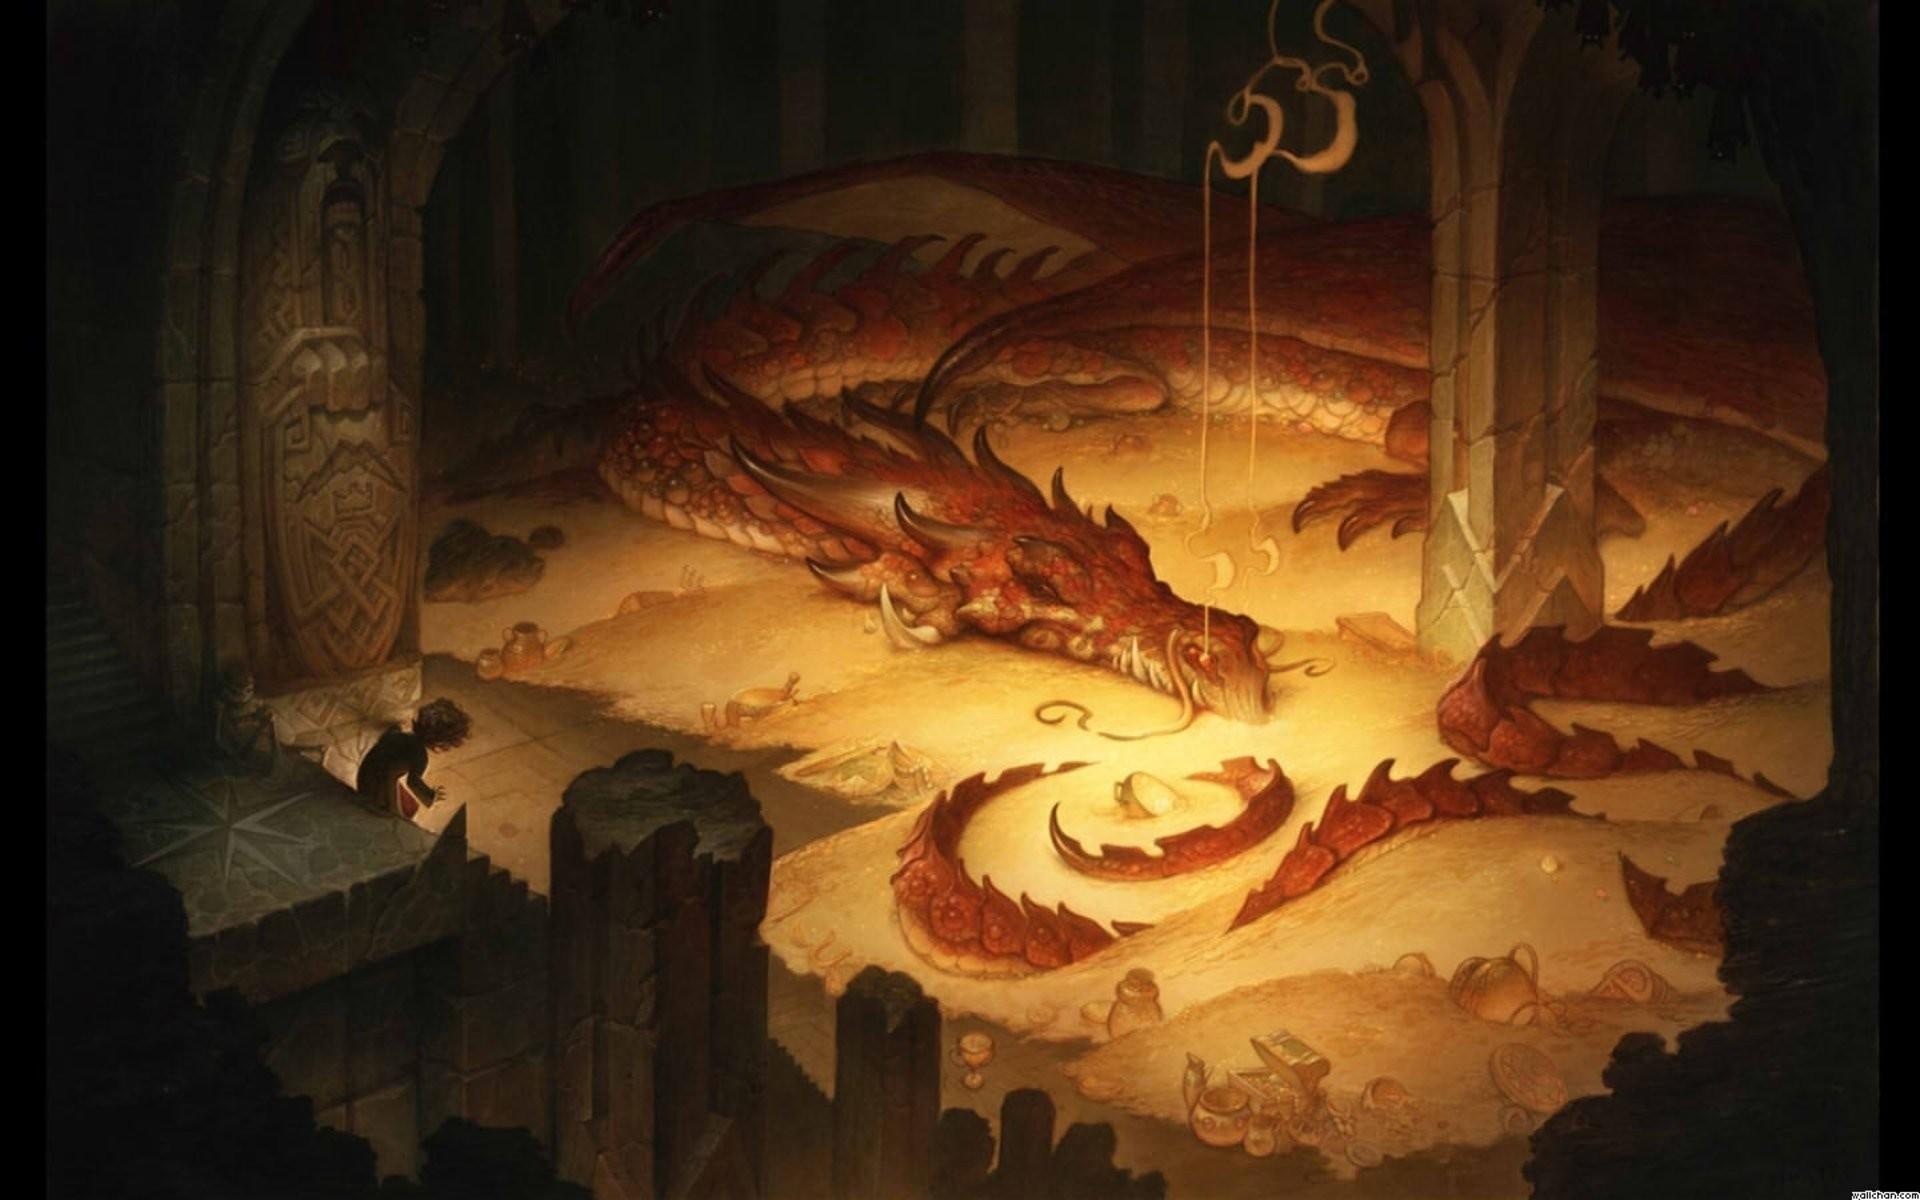 the hobbit hobbies gollum thorin gandalf bilbo swords HD wallpaper 1920×1200